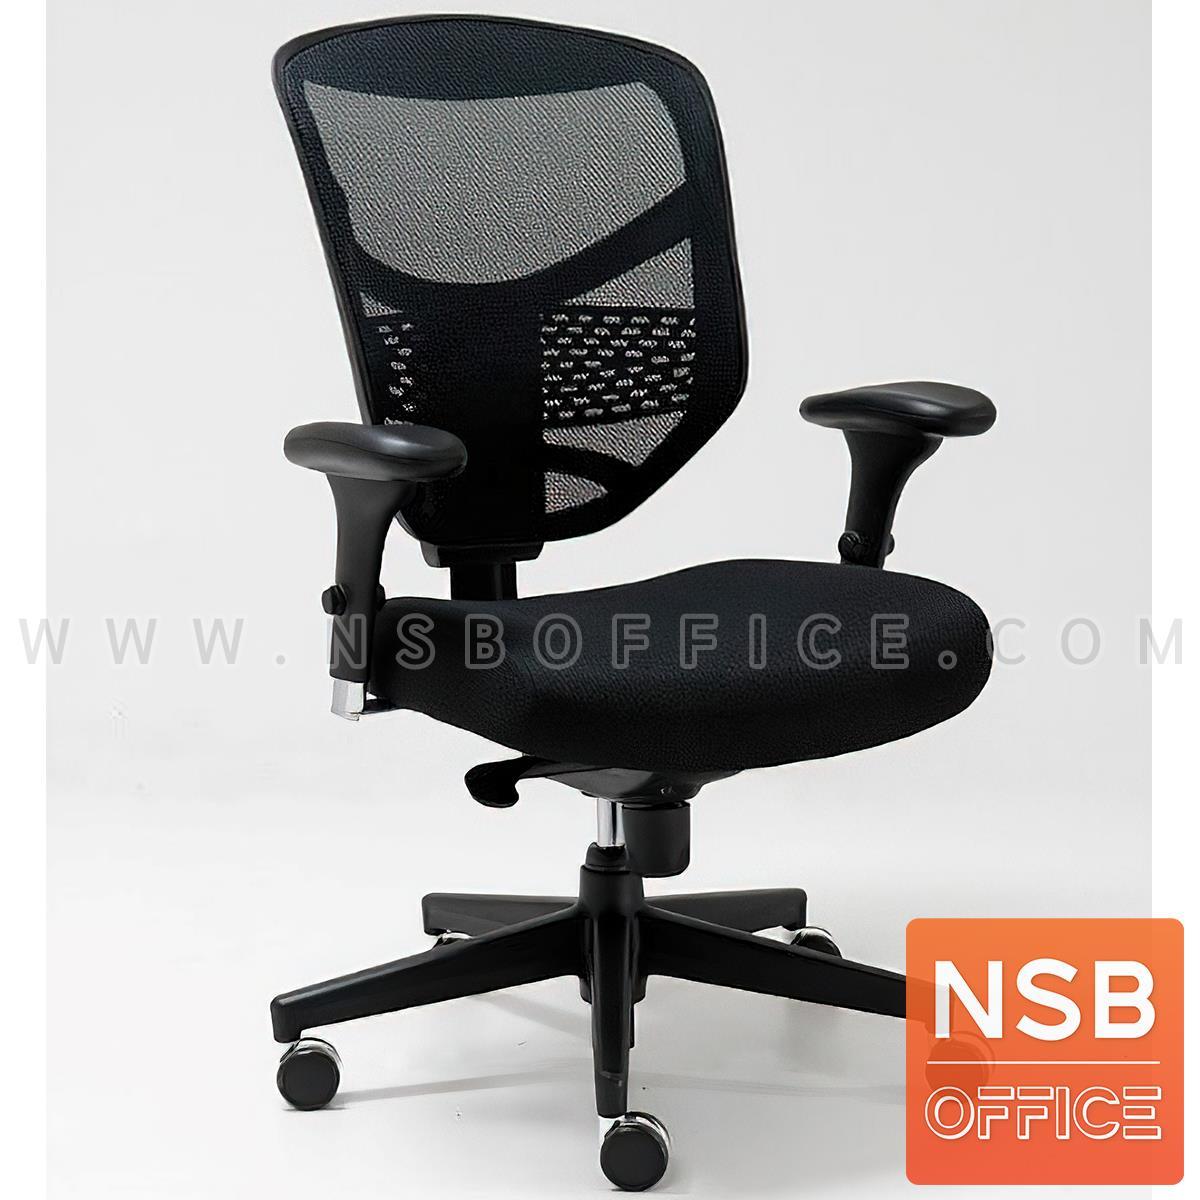 เก้าอี้สำนักงานหลังเน็ต รุ่น Monserrate (มอนเซร์ราเต)  โช๊คแก๊ส มีก้อนโยก ขาเหล็กพ่นดำ